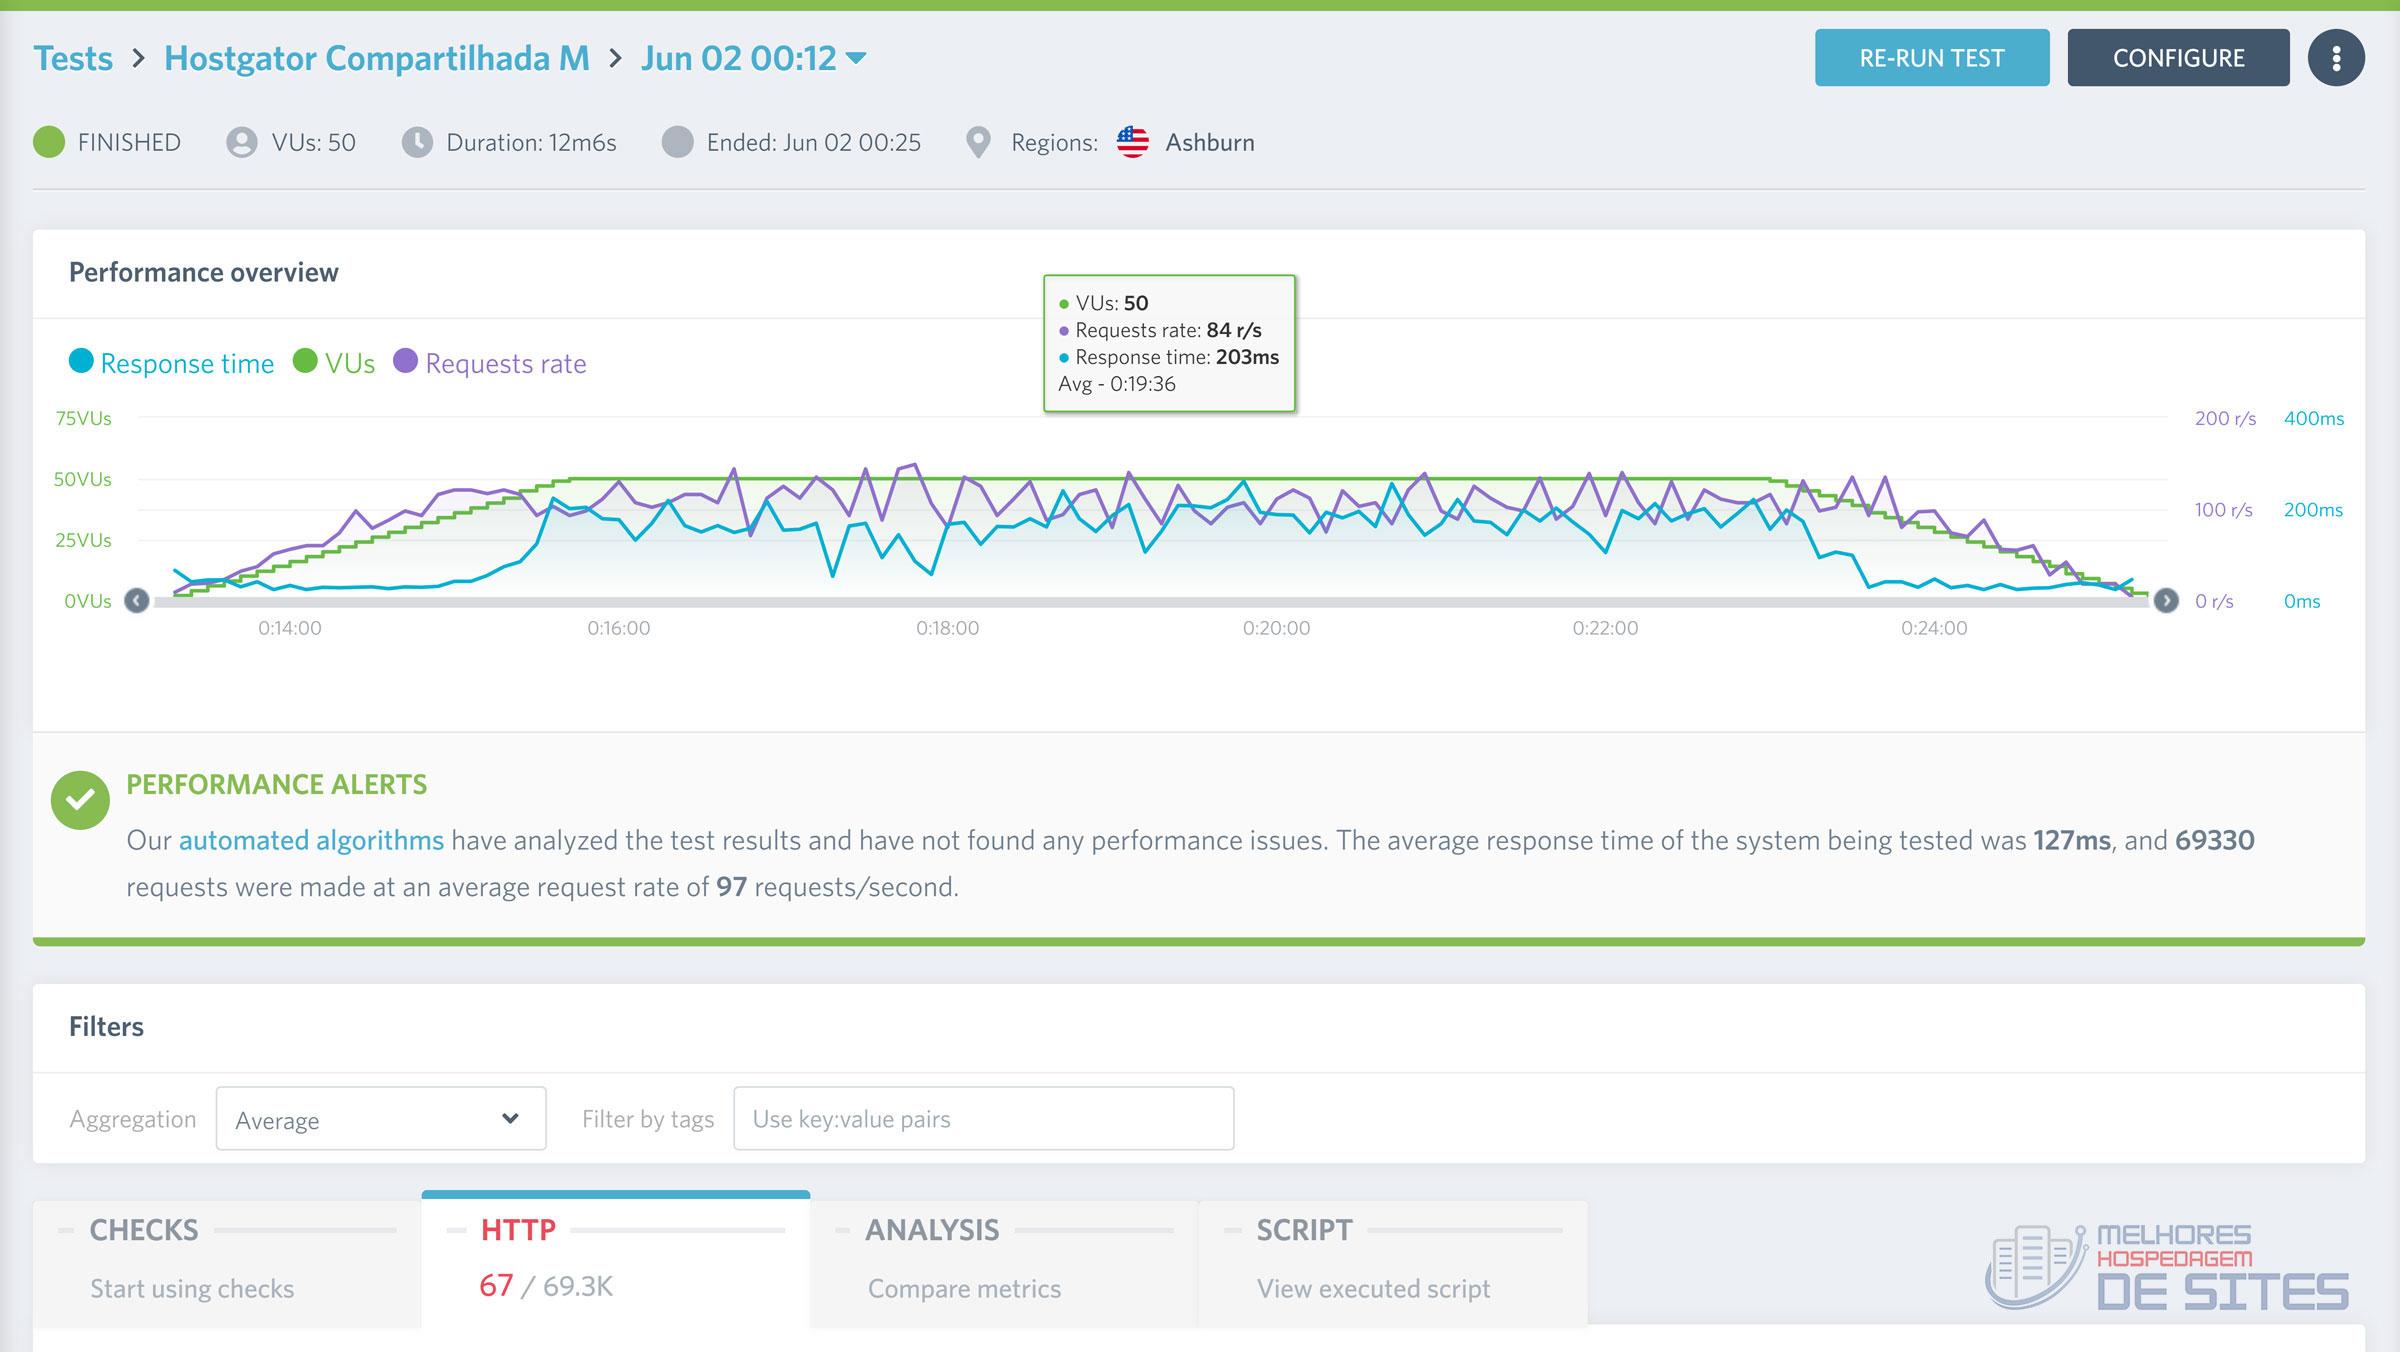 hostgator 50 acessos simulados na hospedagem compartilhada